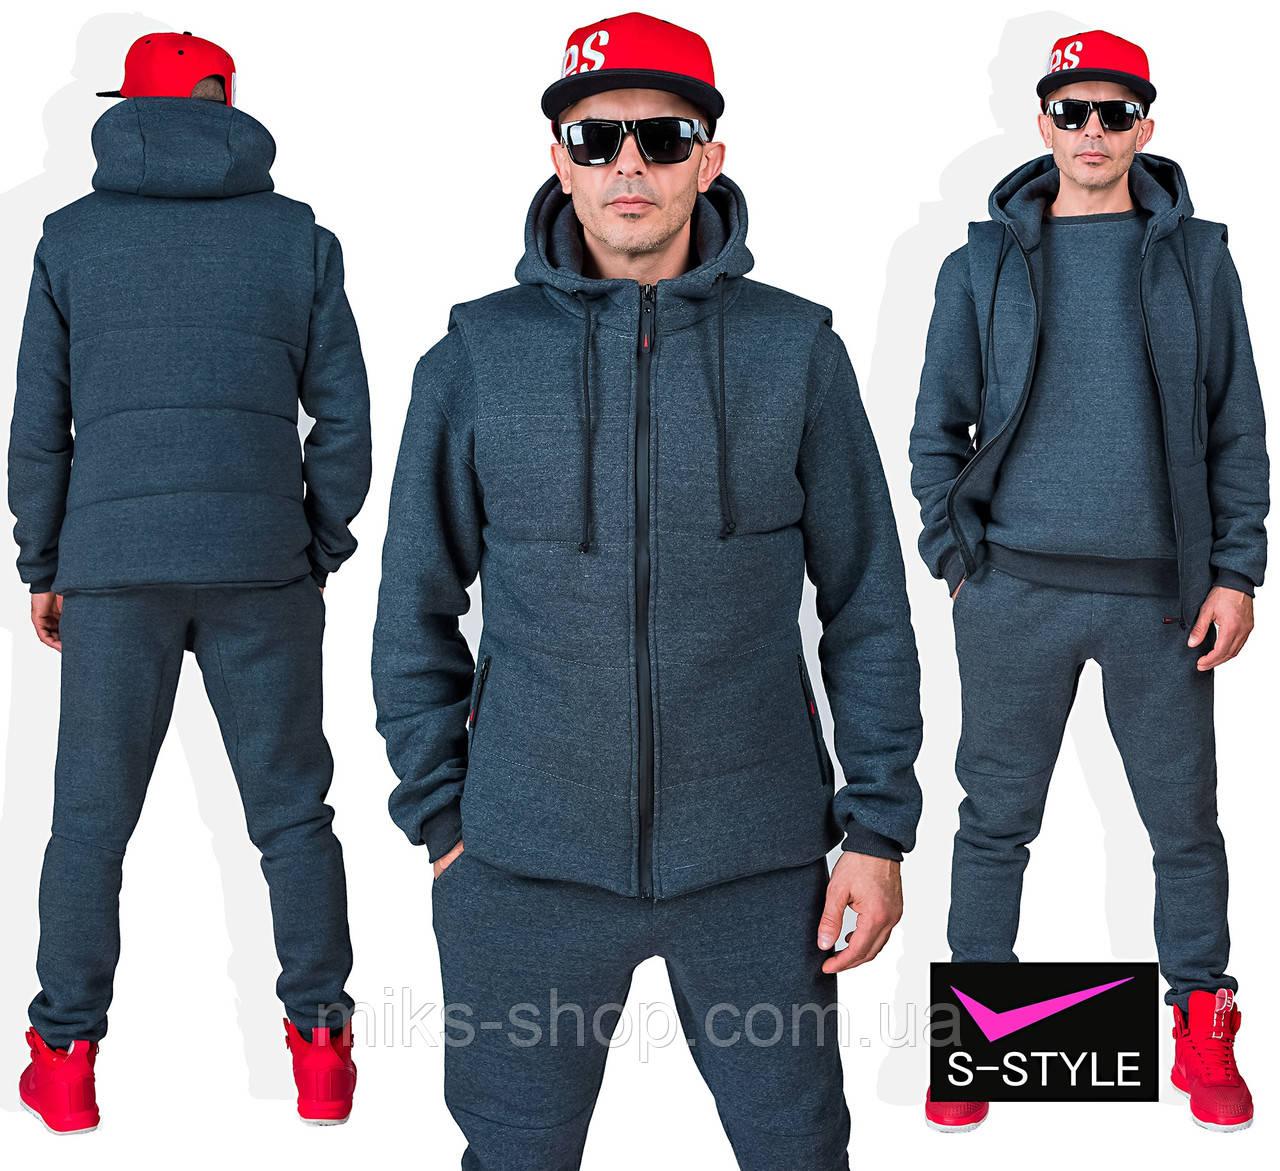 Теплий чоловічий спортивний костюм №113 М, L,  XL, XXL